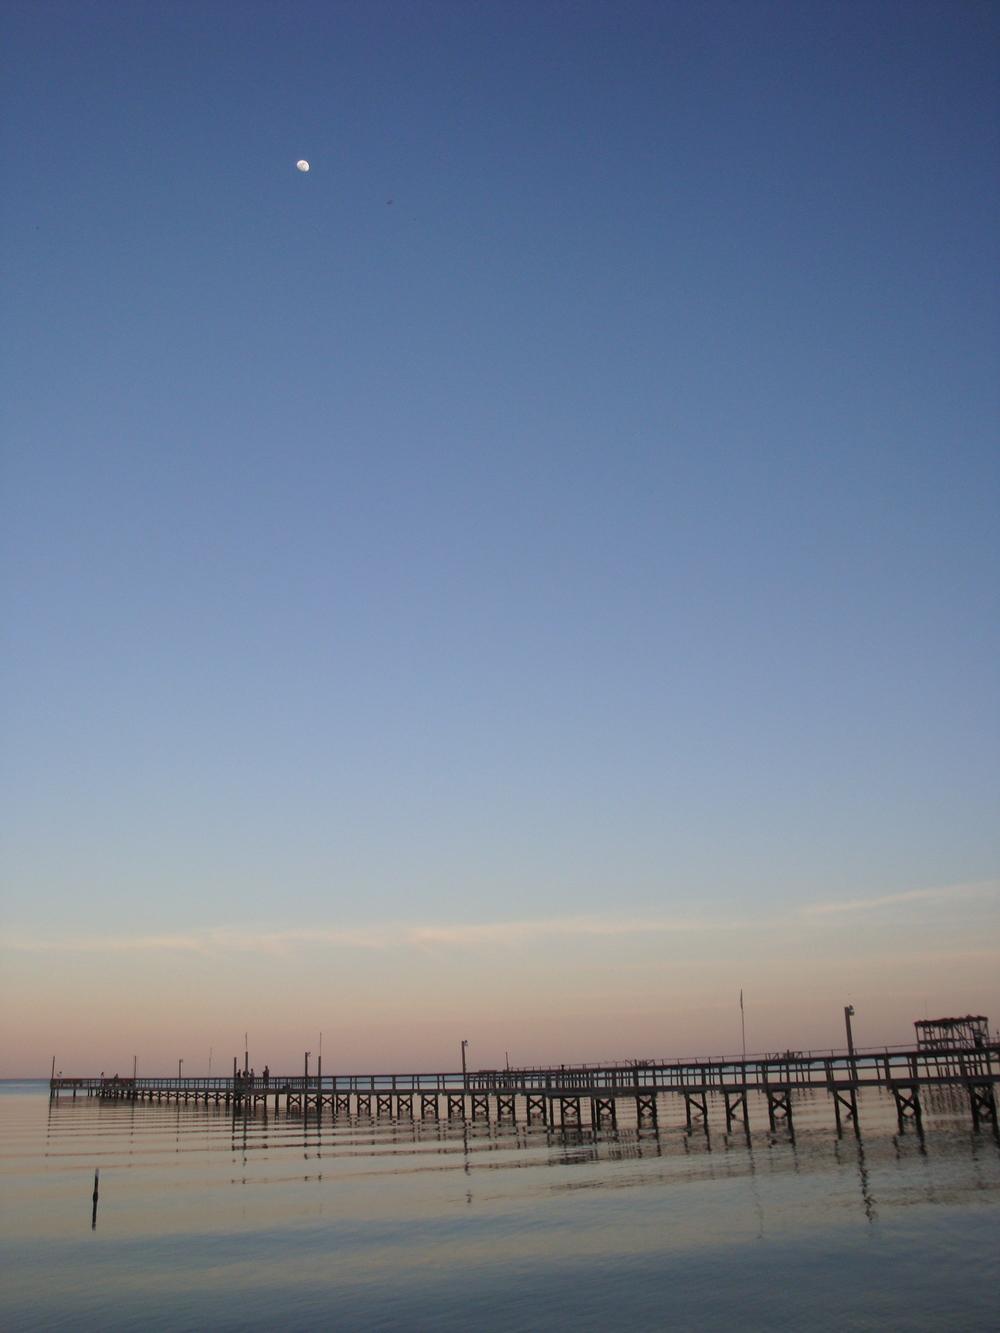 Rockport Pier at Dusk